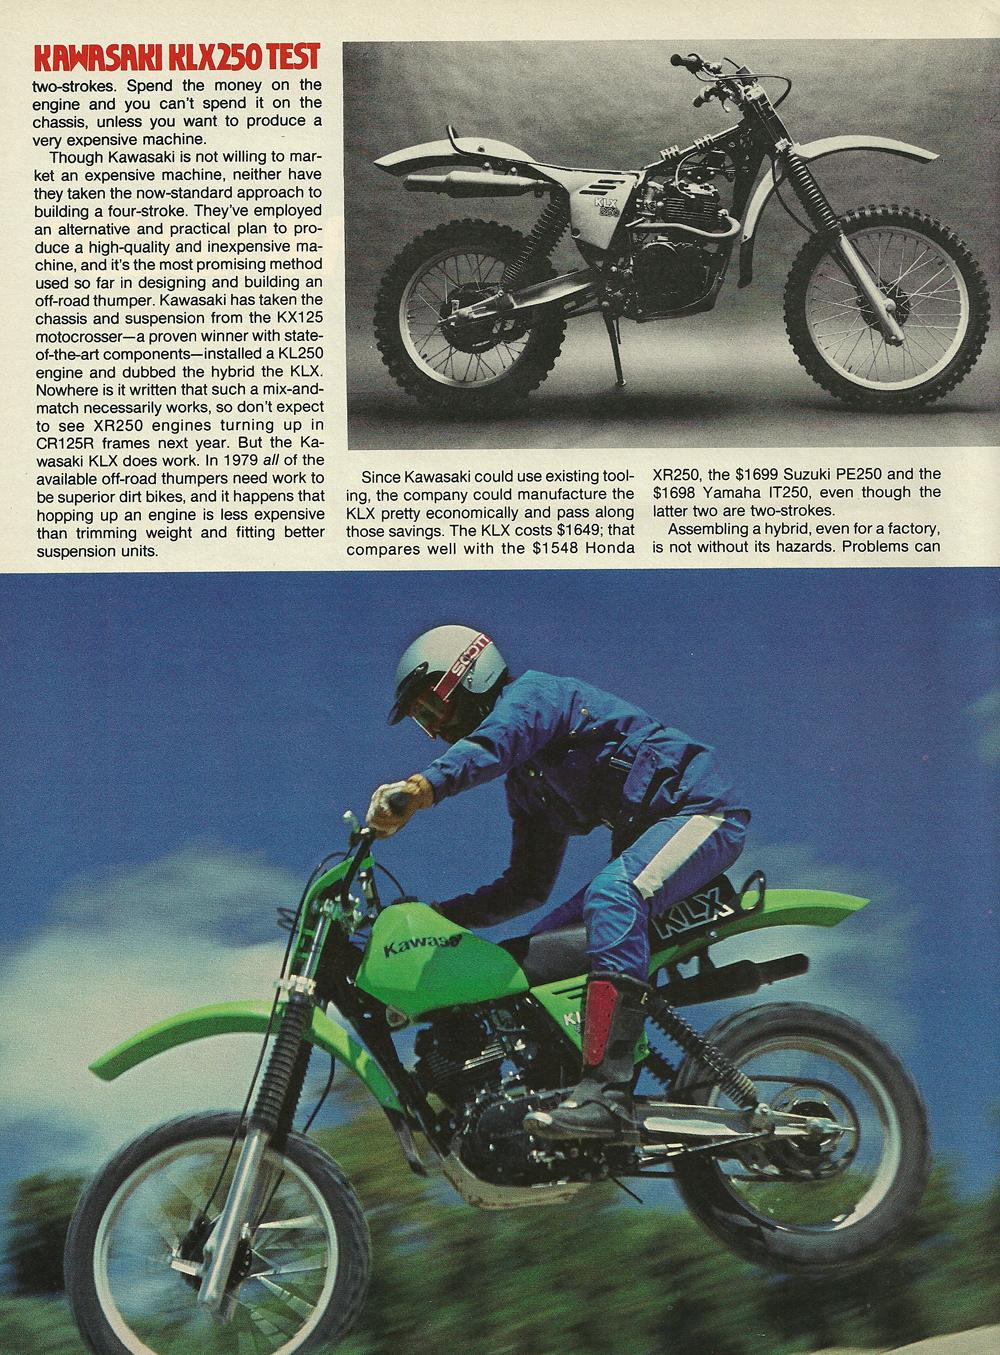 1979 Kawasaki KLX250 off road test 3.jpg